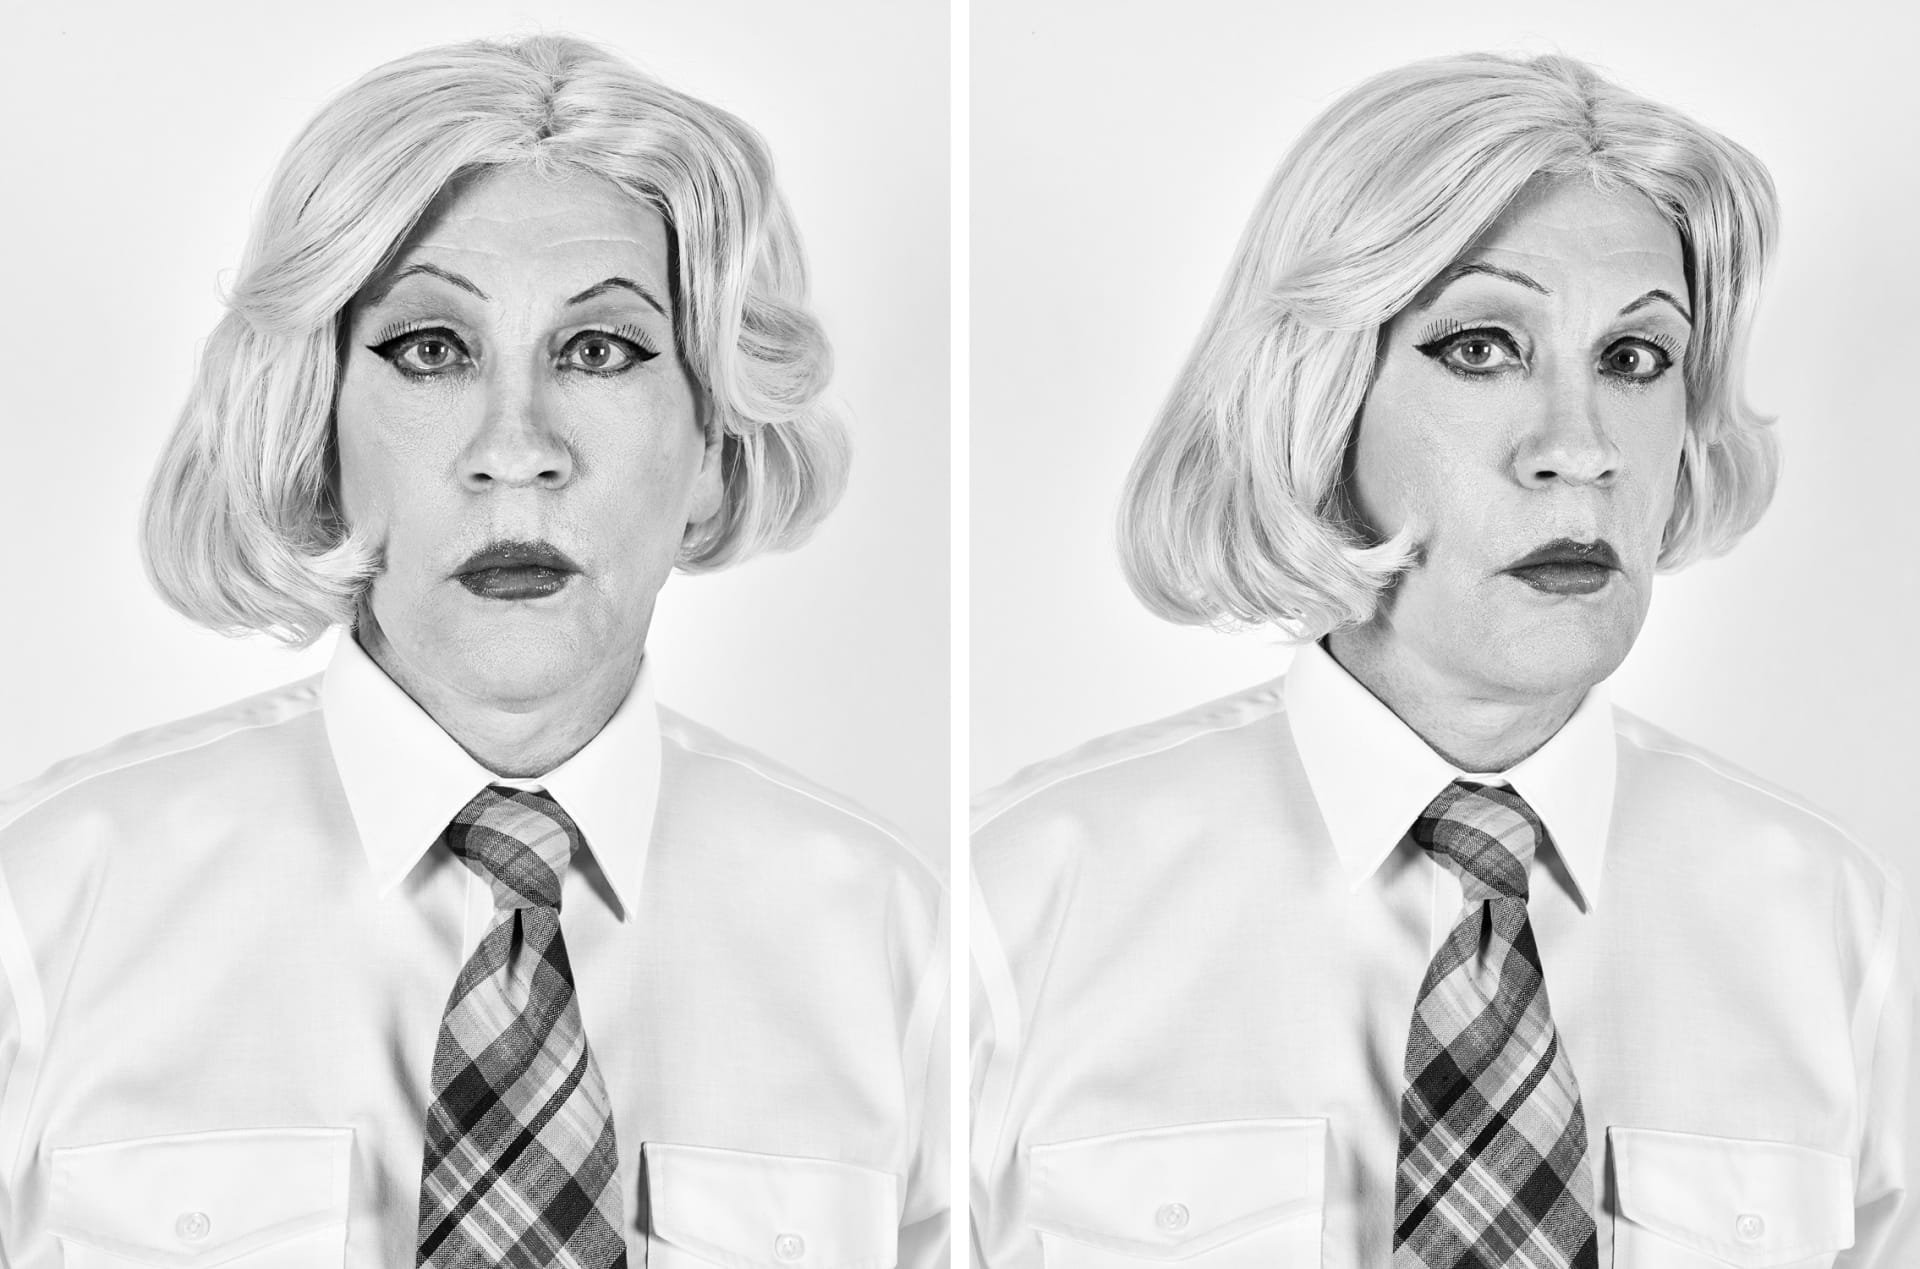 مصور أمريكي يعيد إحياء لقطات لأشهر الشخصيات التاريخية